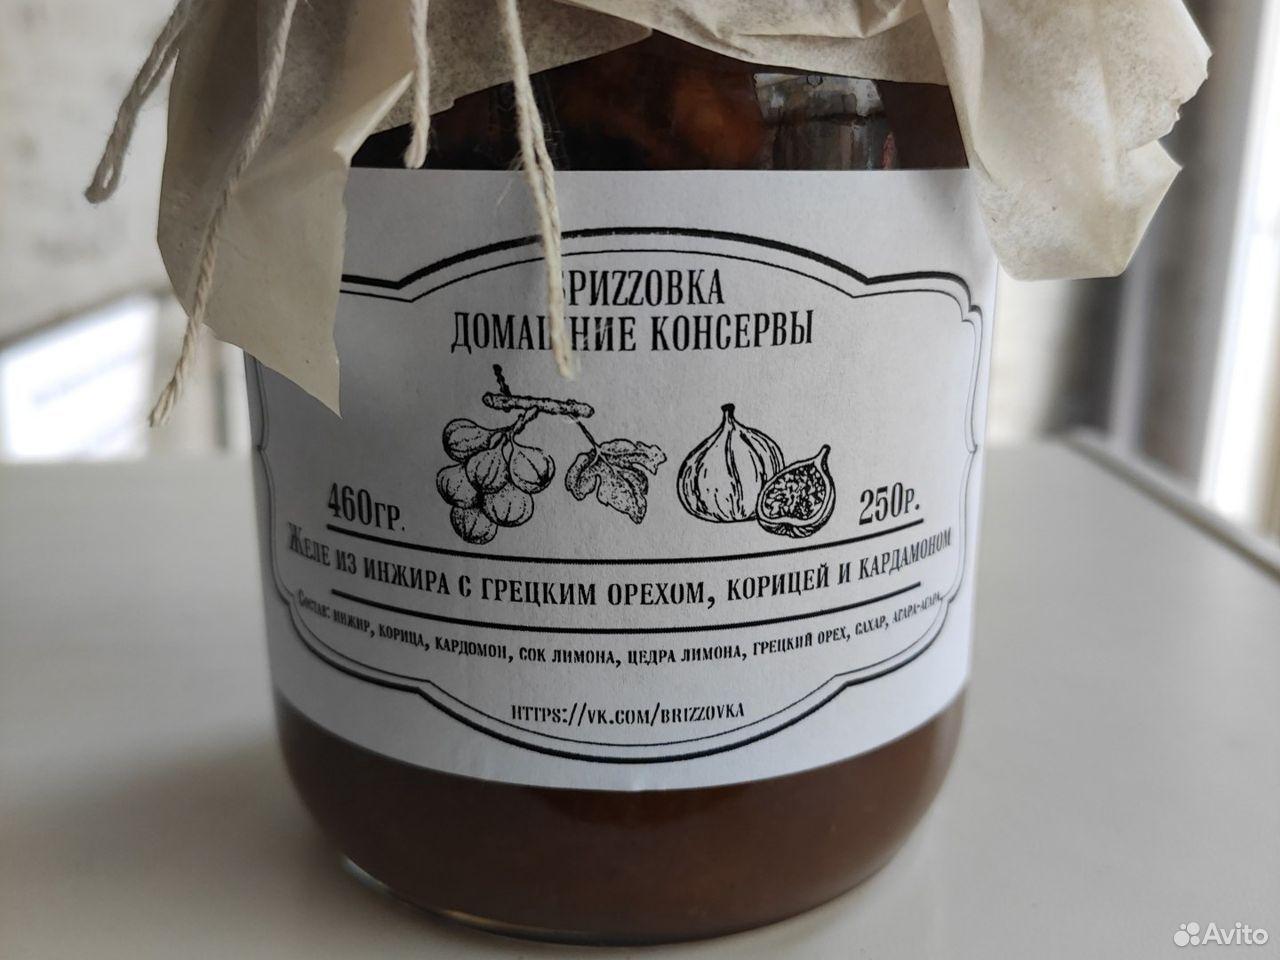 Варенье и джемы из крымских фруктов